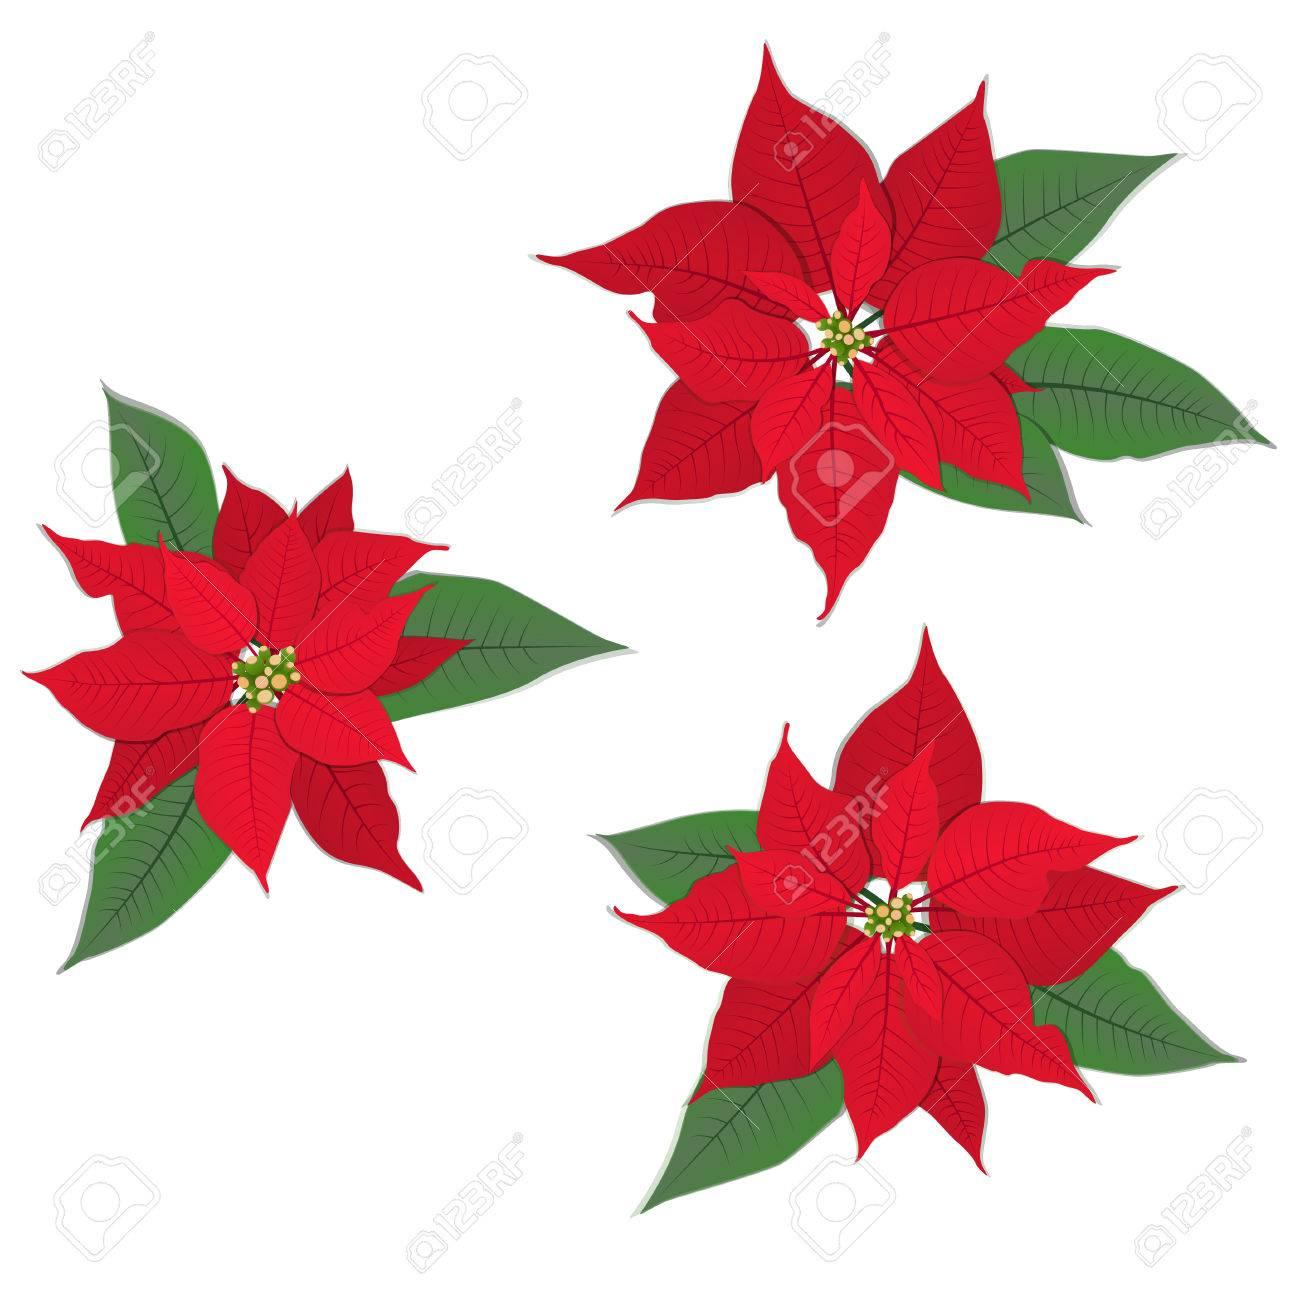 Rote Weihnachts Blume Weihnachtsstern Auf Weiß. Vektor-Set ...